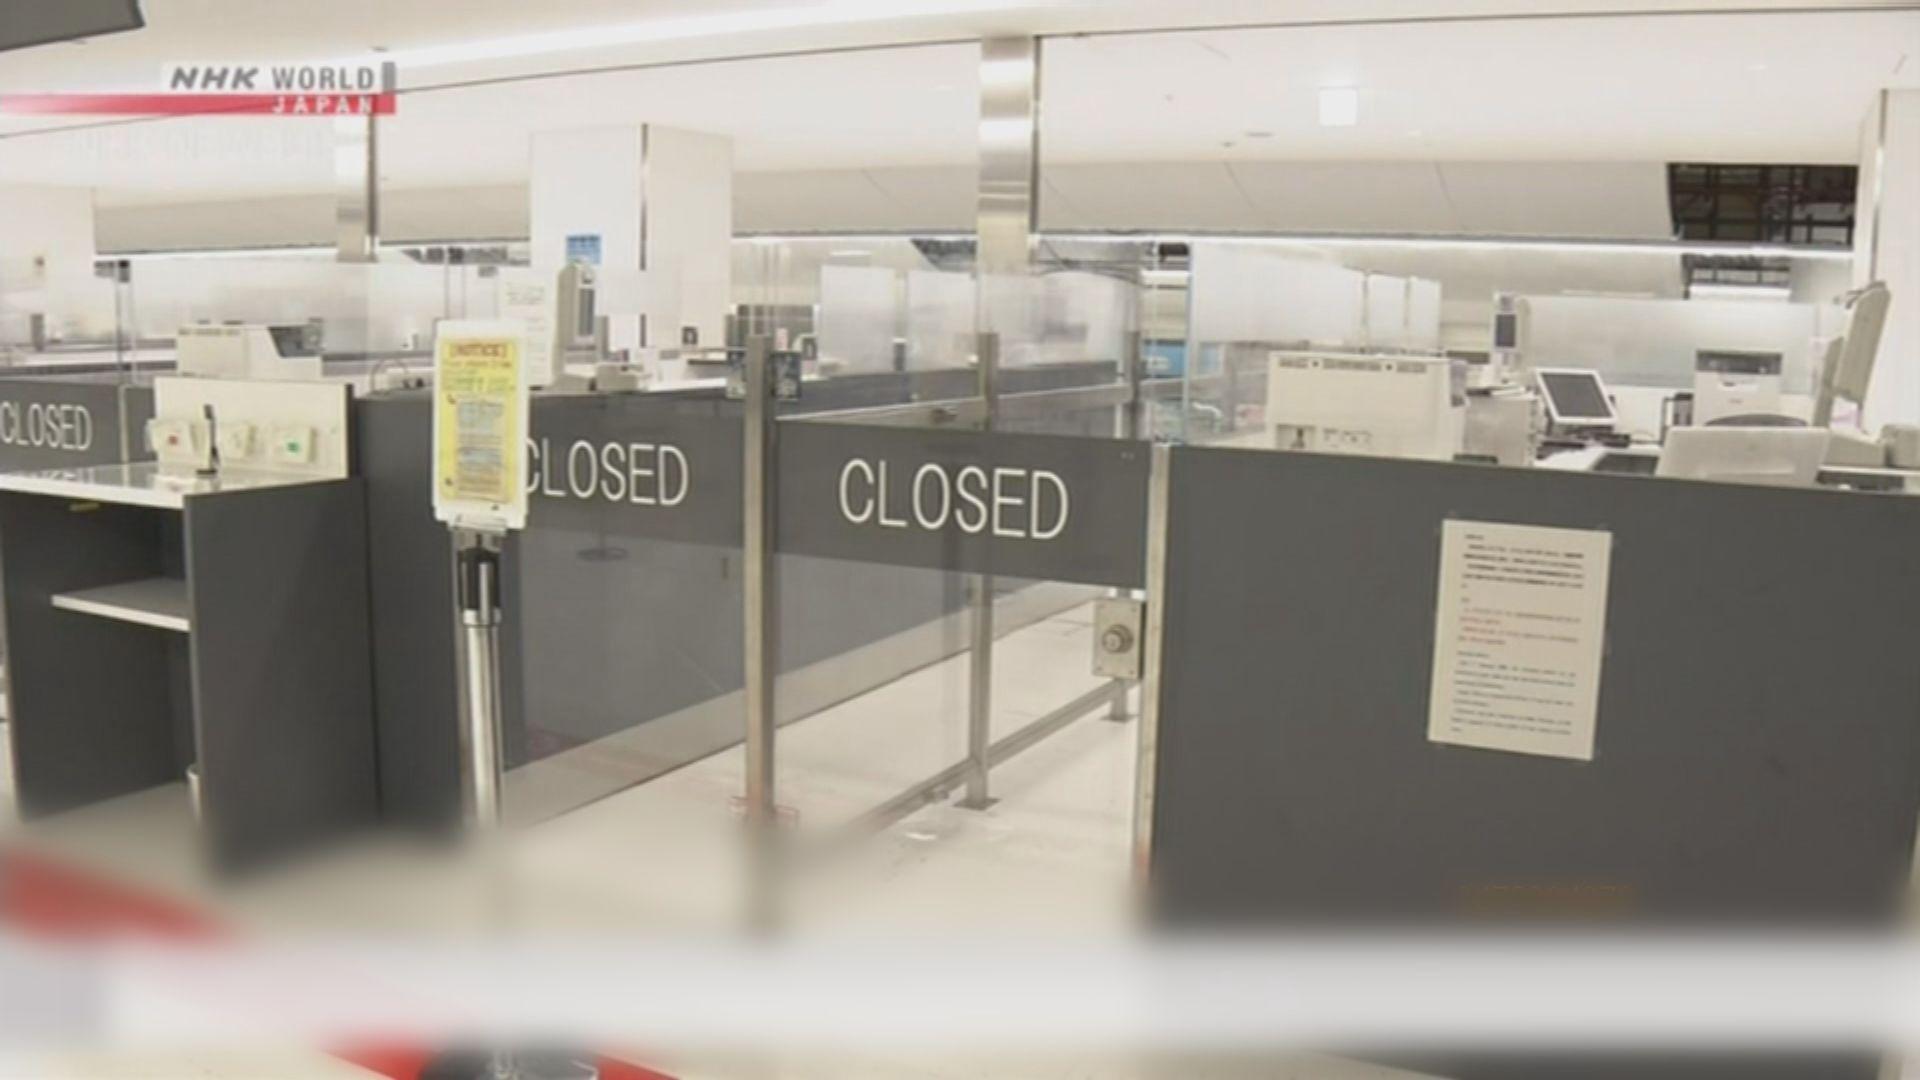 日本擴大入境禁令 拒曾前往浙江省外國人入境